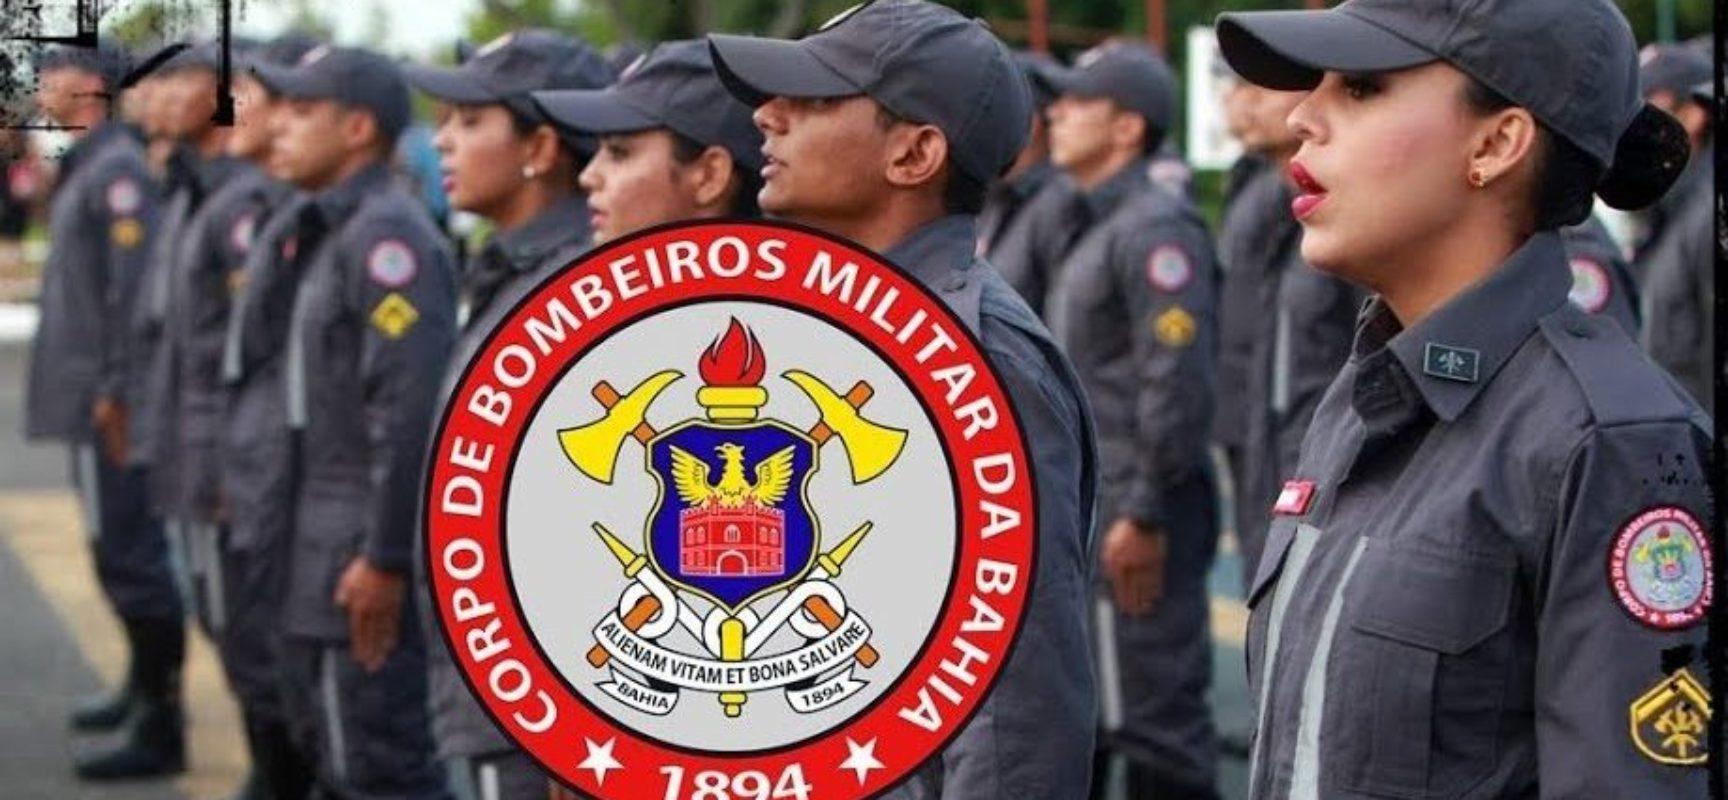 QUARENTENA SOLIDÁRIA – 5º Grupamento de Bombeiros Militar (Ilhéus)